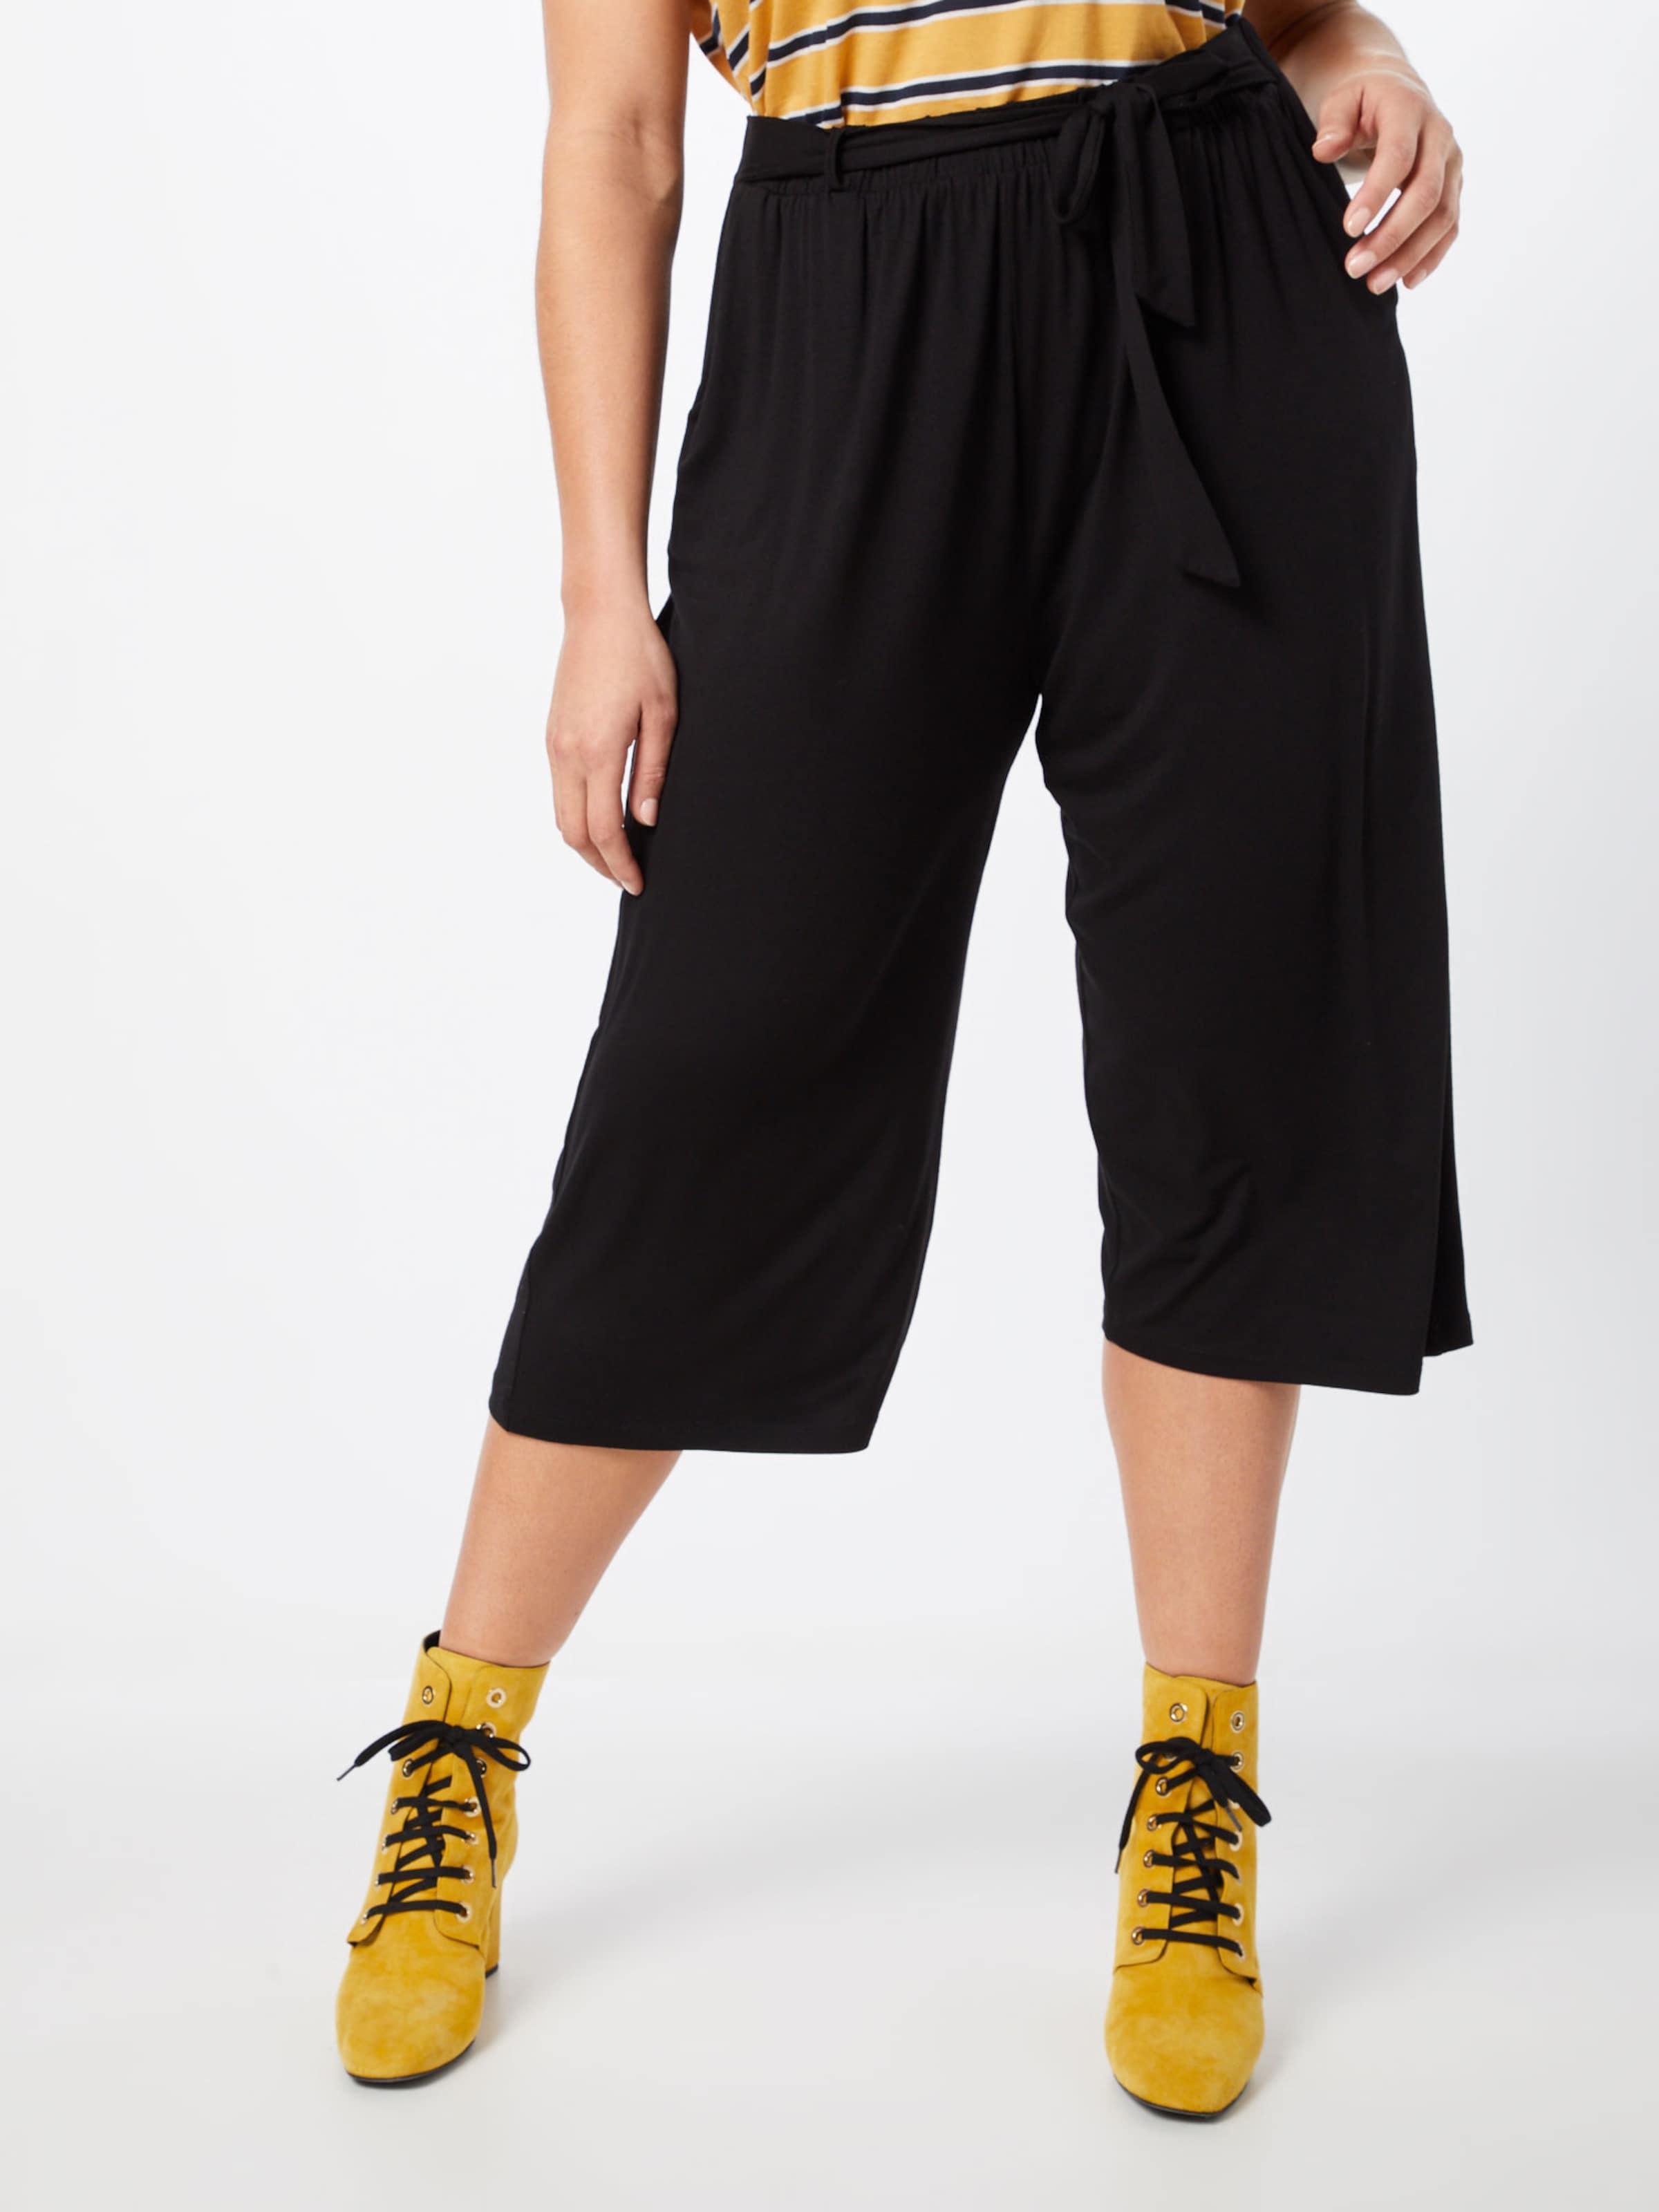 Pantalon About Curvy Noir 'fenja' You En nm0N8vwO